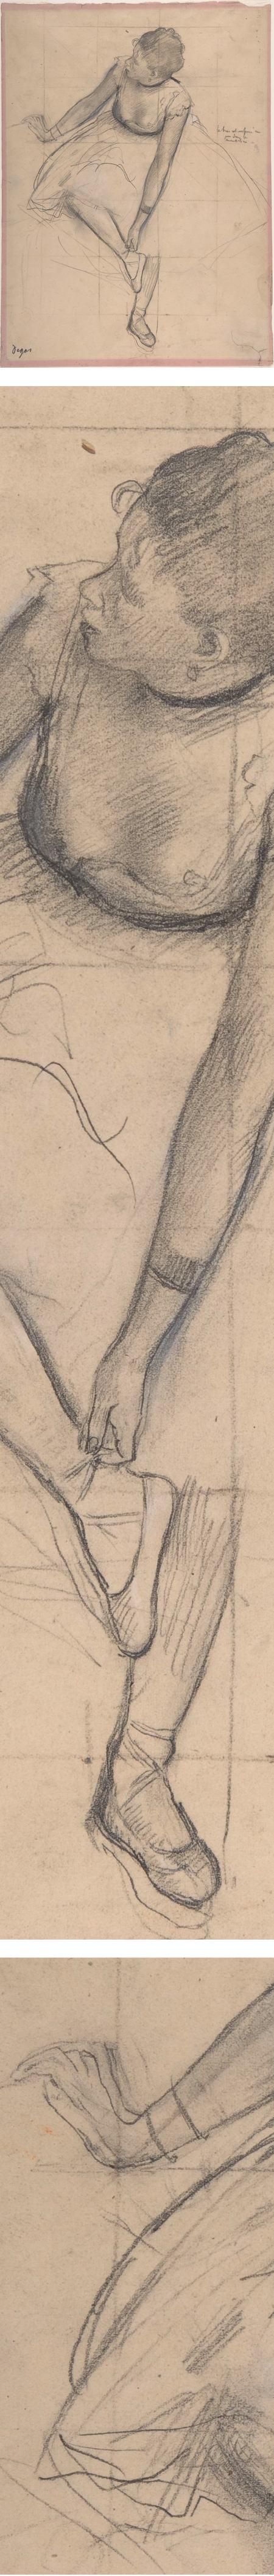 Estudio de bailarina por Degas #Linesandcolors  http://cincuentopia.sharedby.co/share/7KeZYV